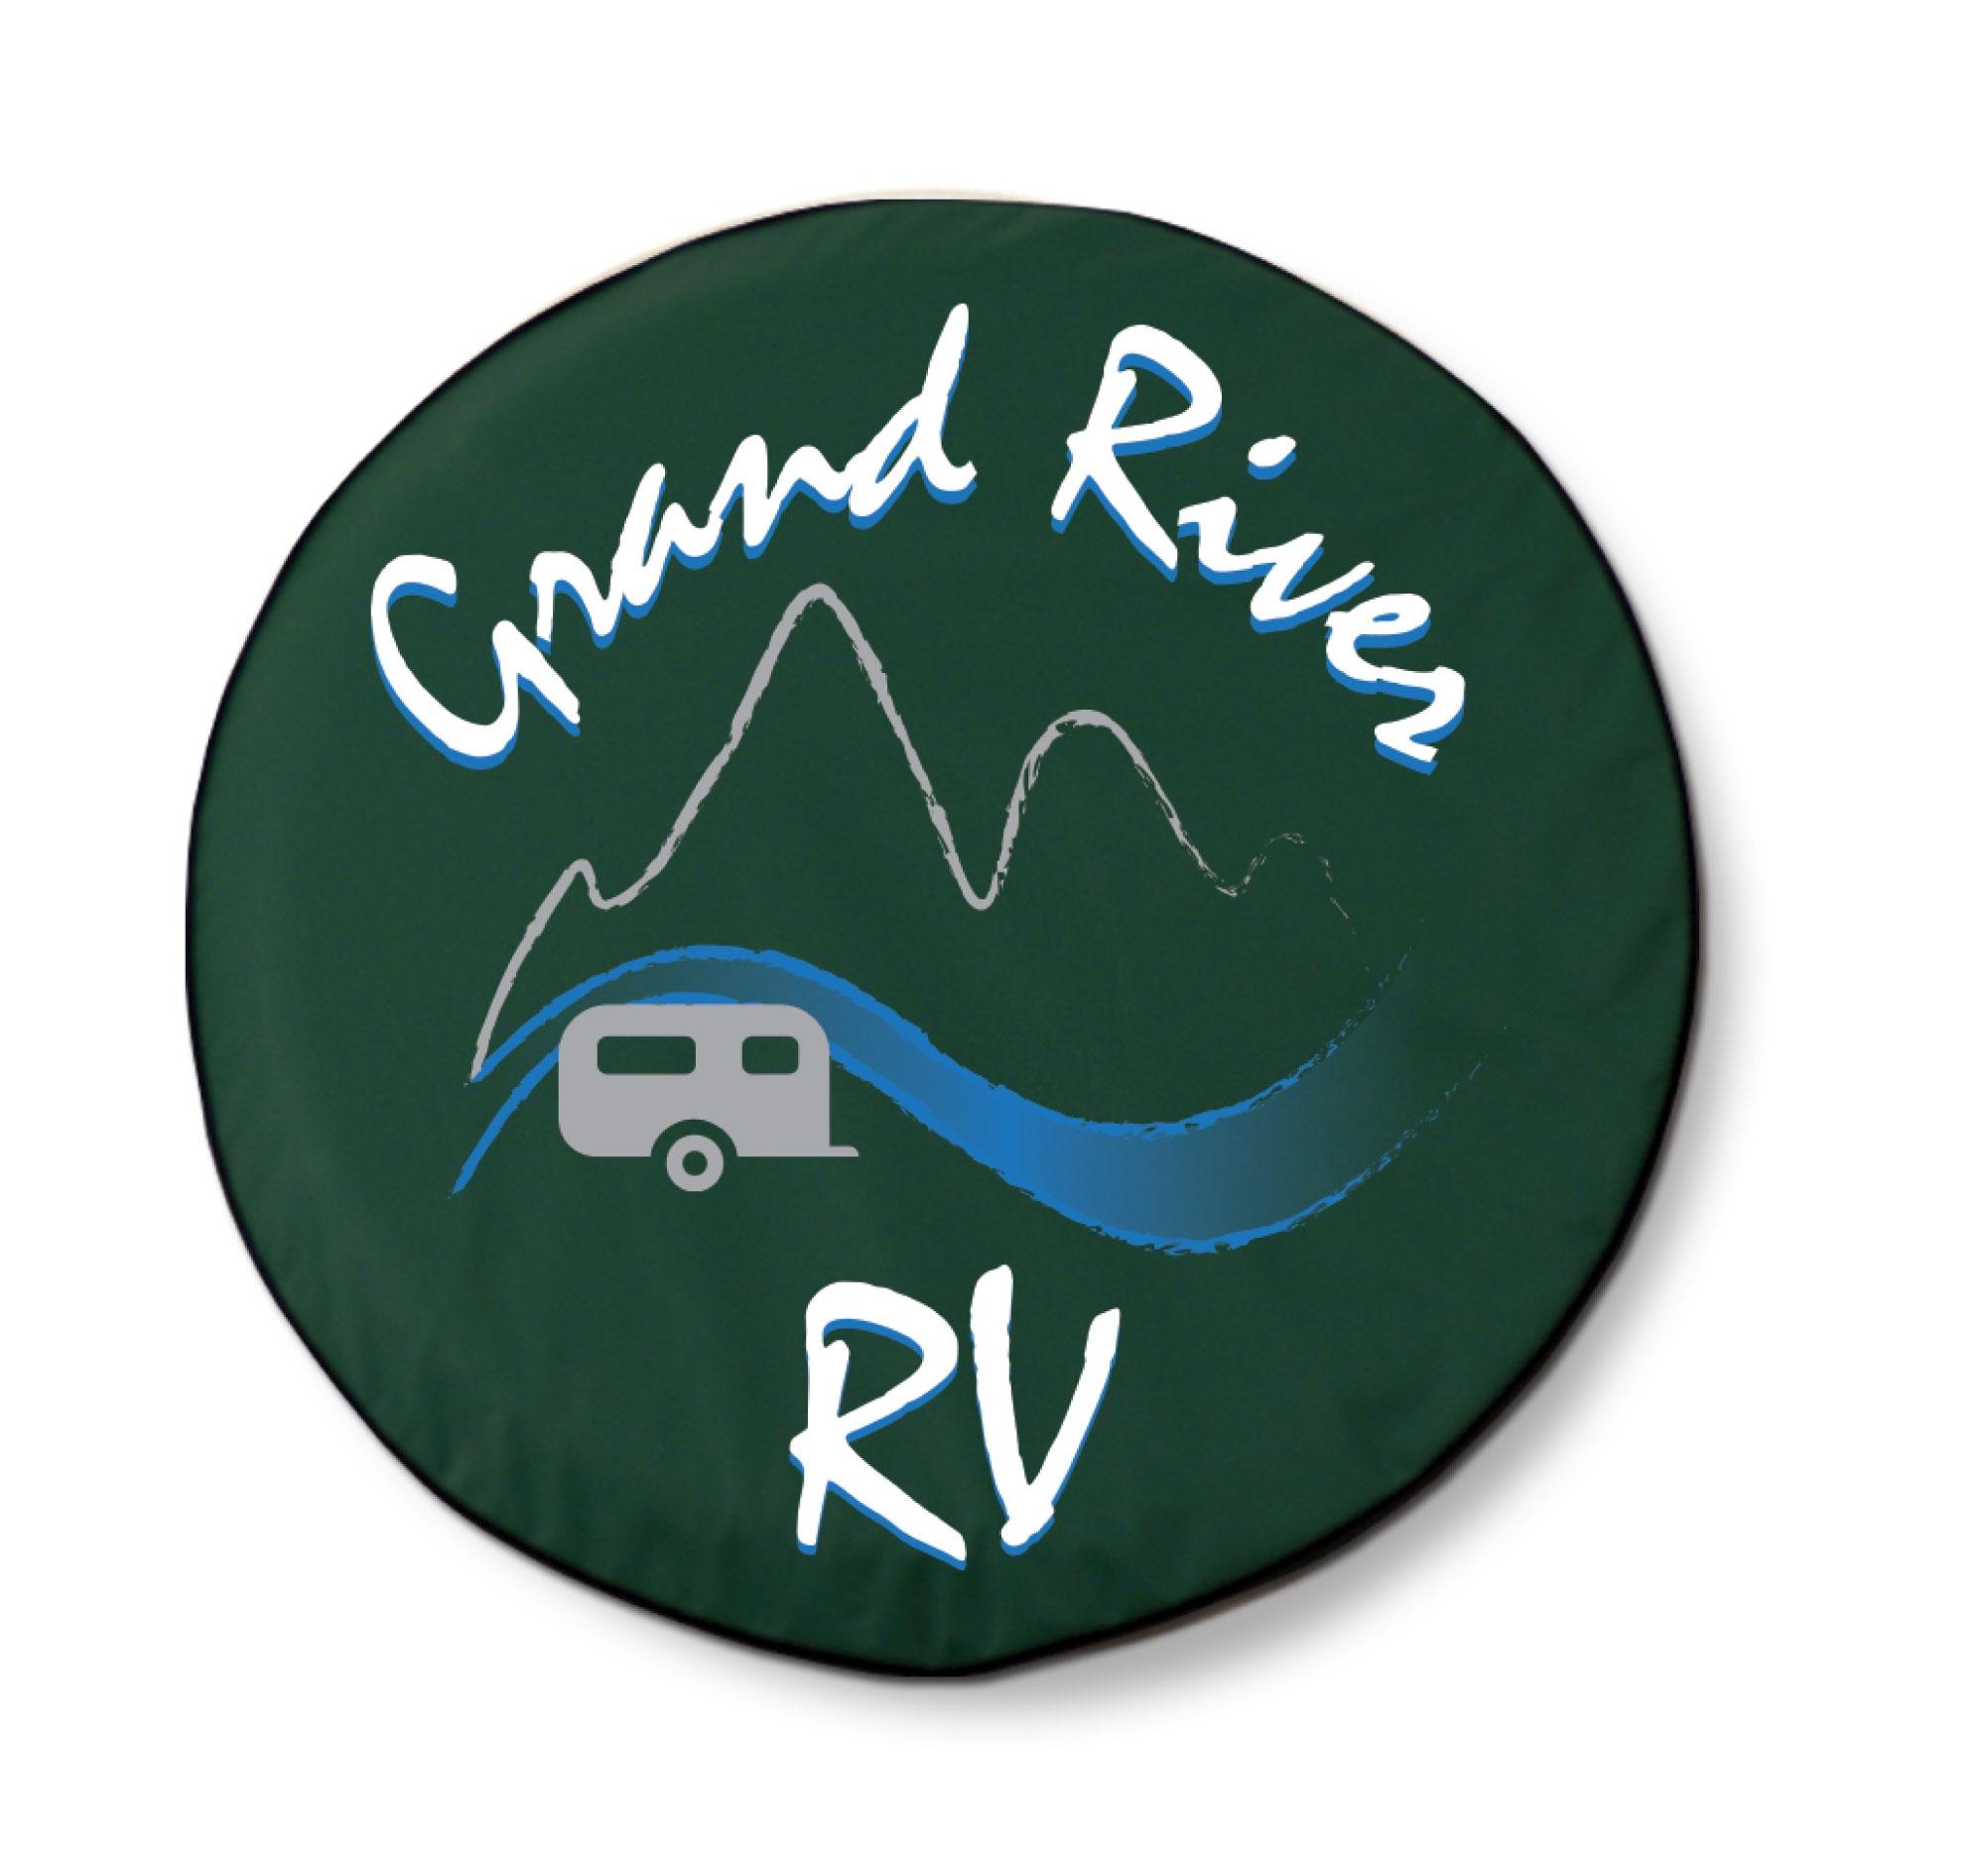 Grand River RV